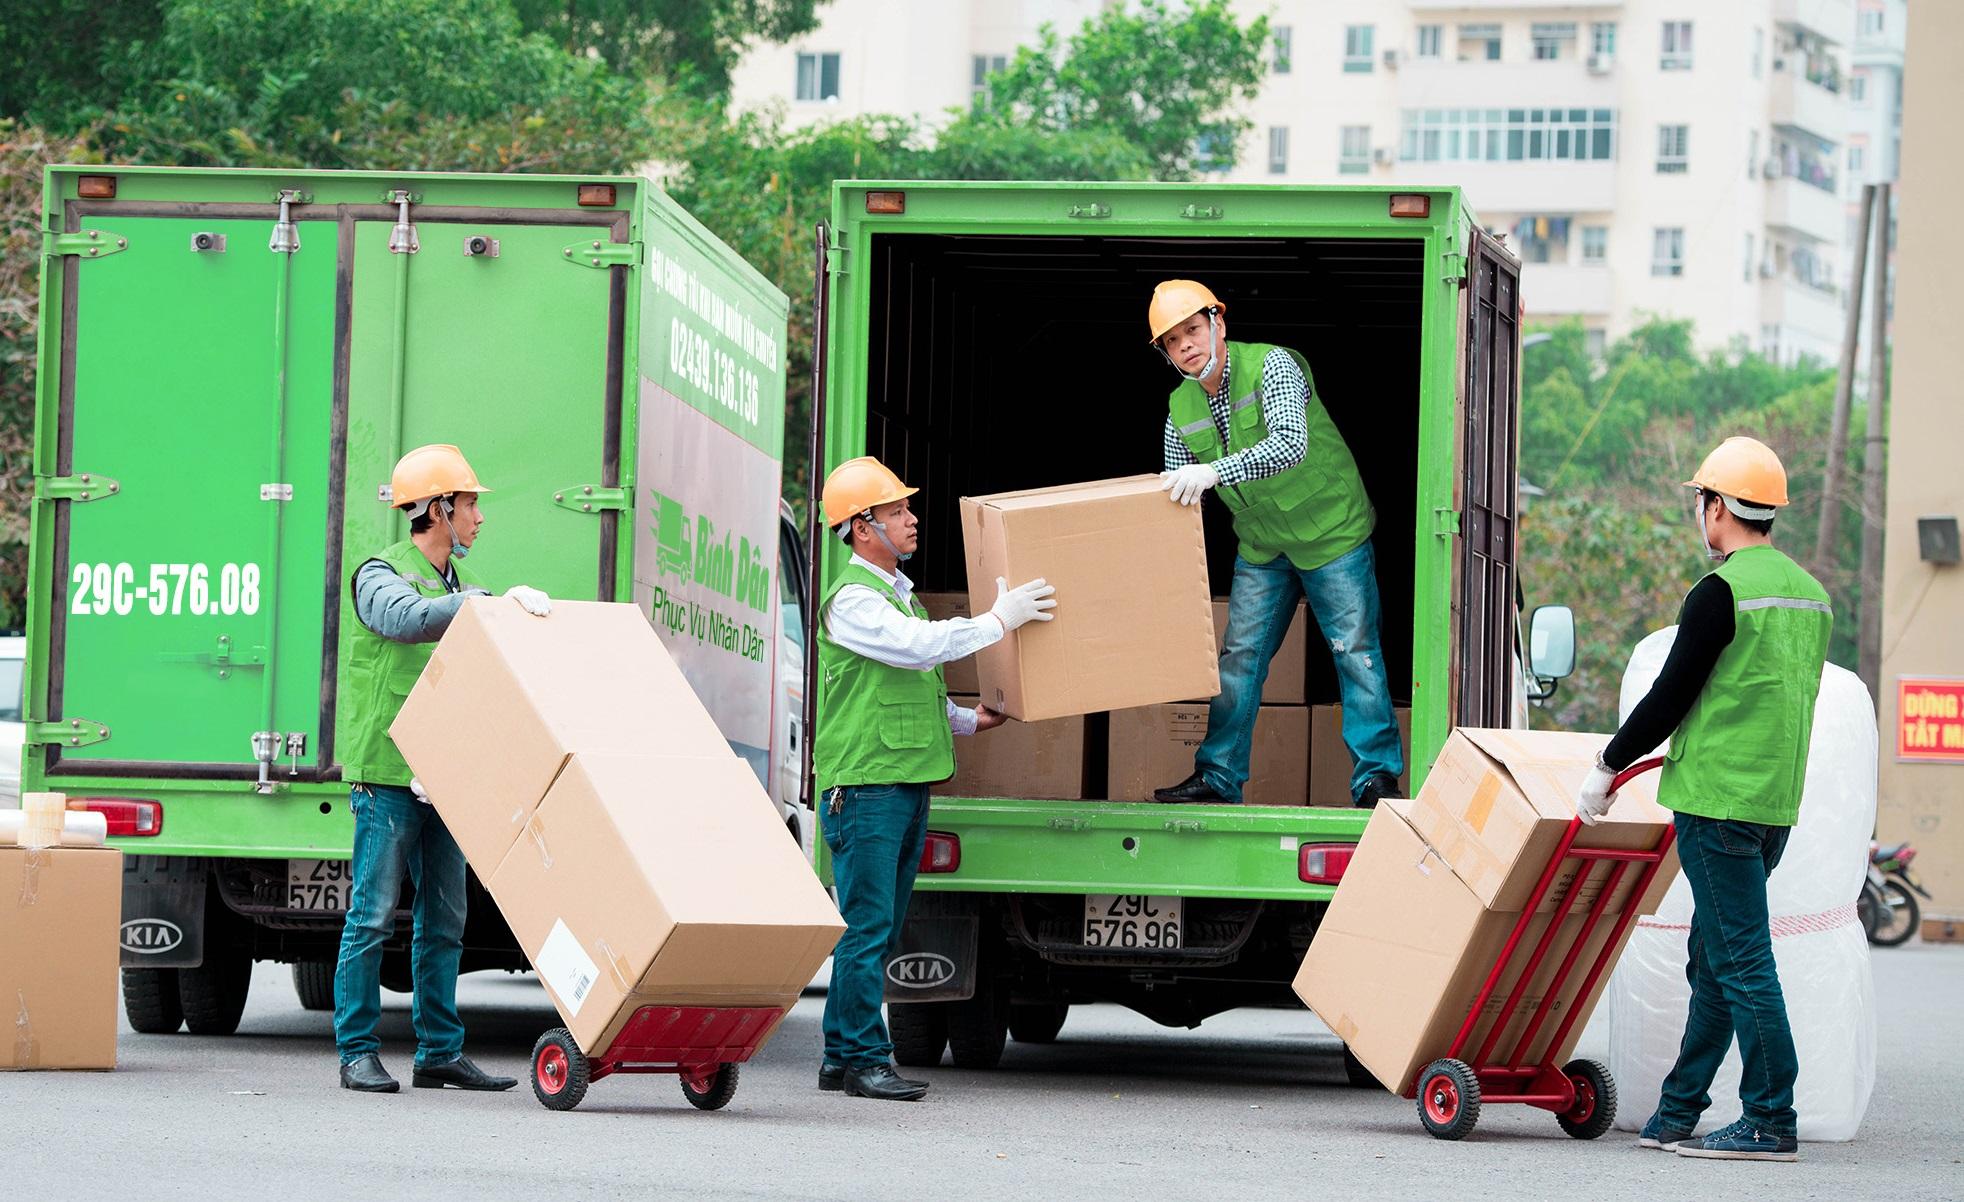 Top 10 dịch vụ bốc xếp hàng hóa nhanh chóng, uy tín, giá rẻ tại Tphcm